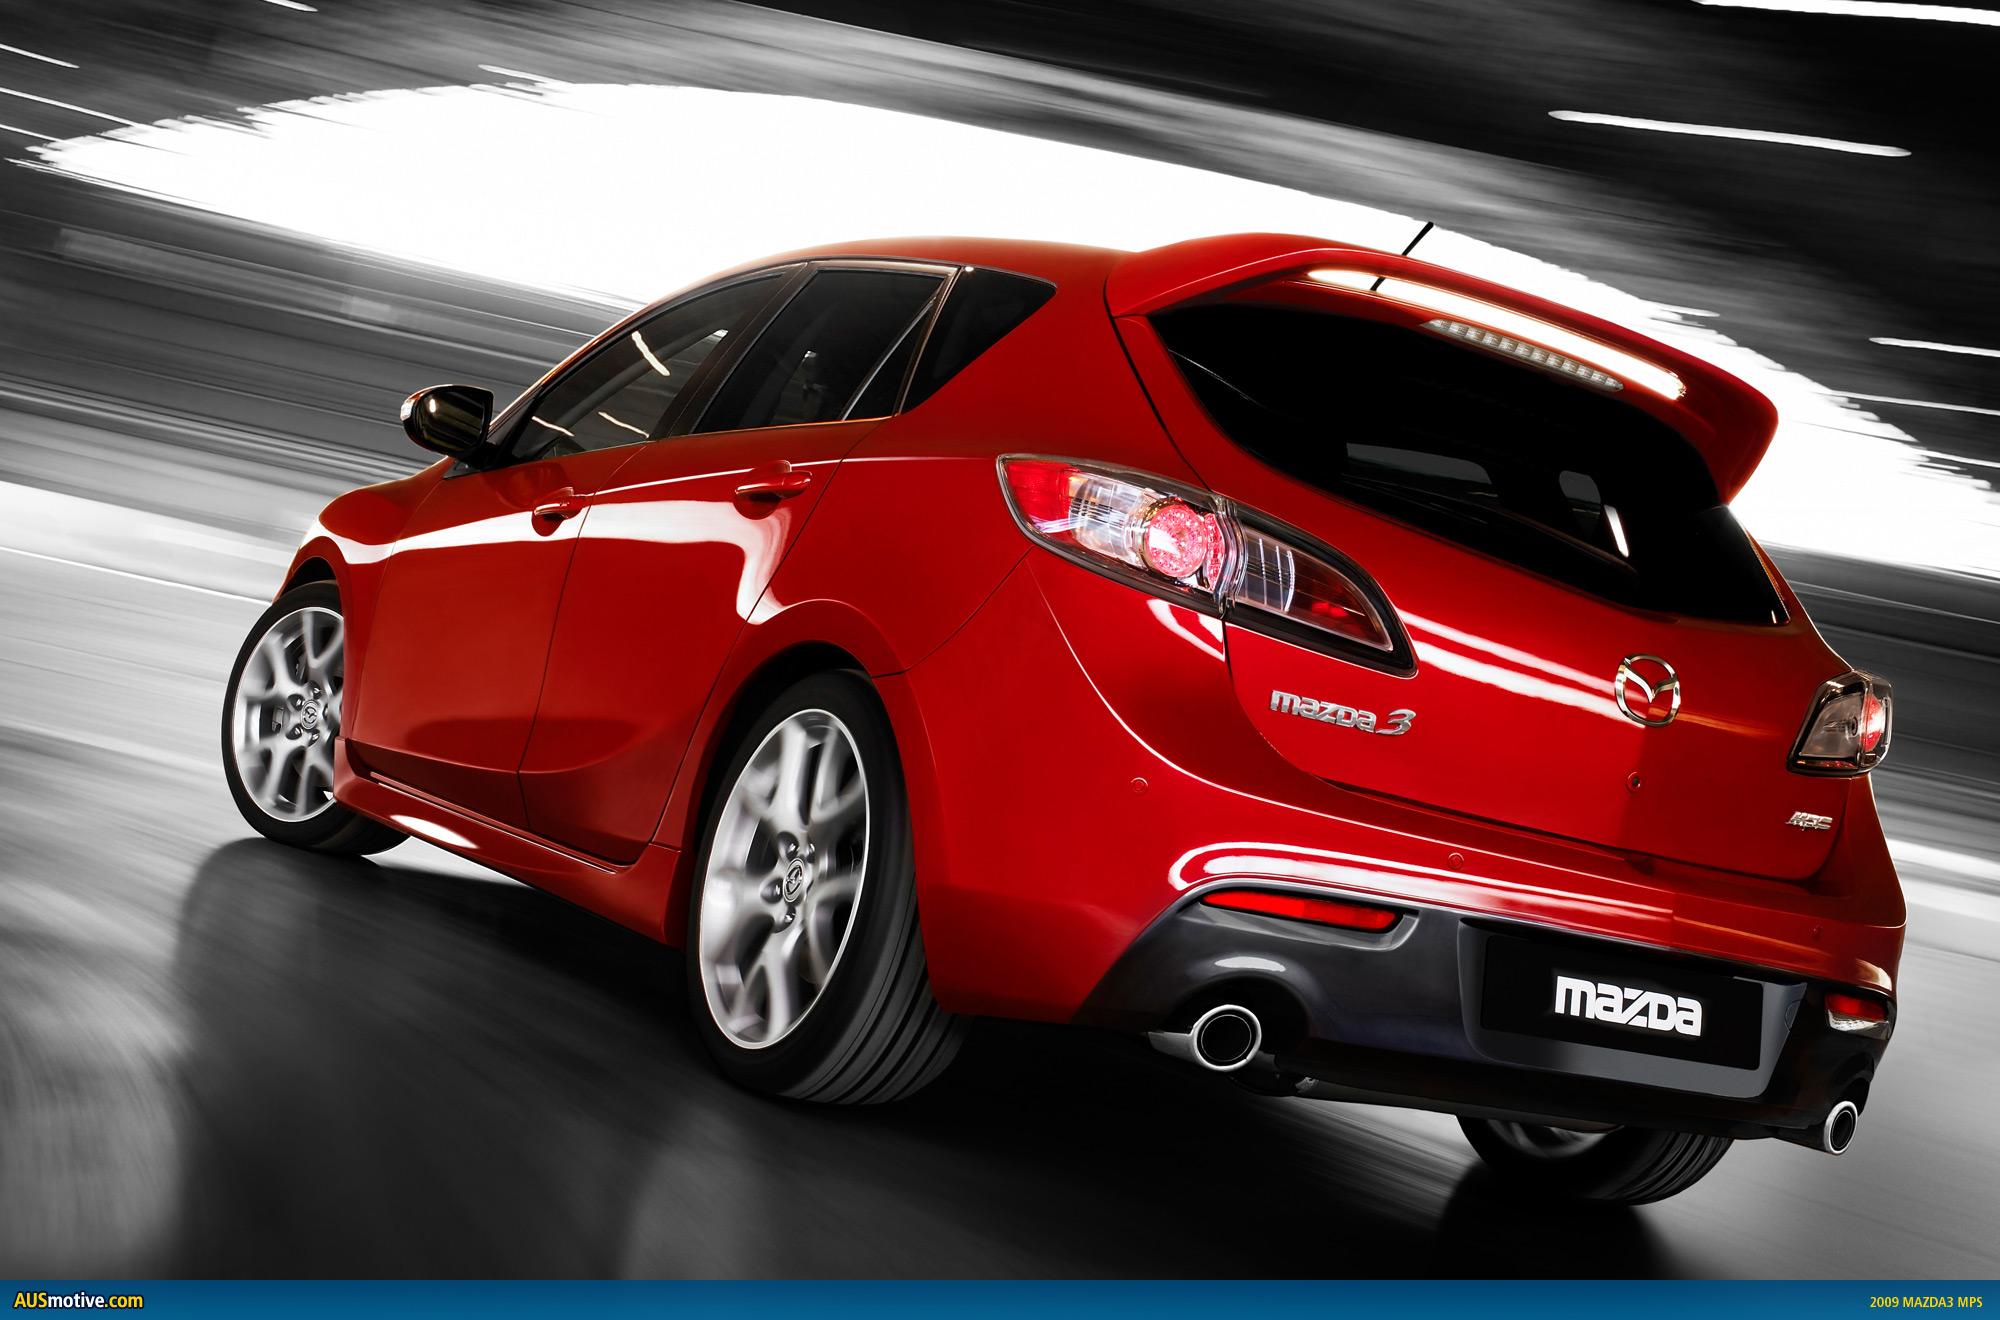 Mazda3 Mps Scoops Geneva